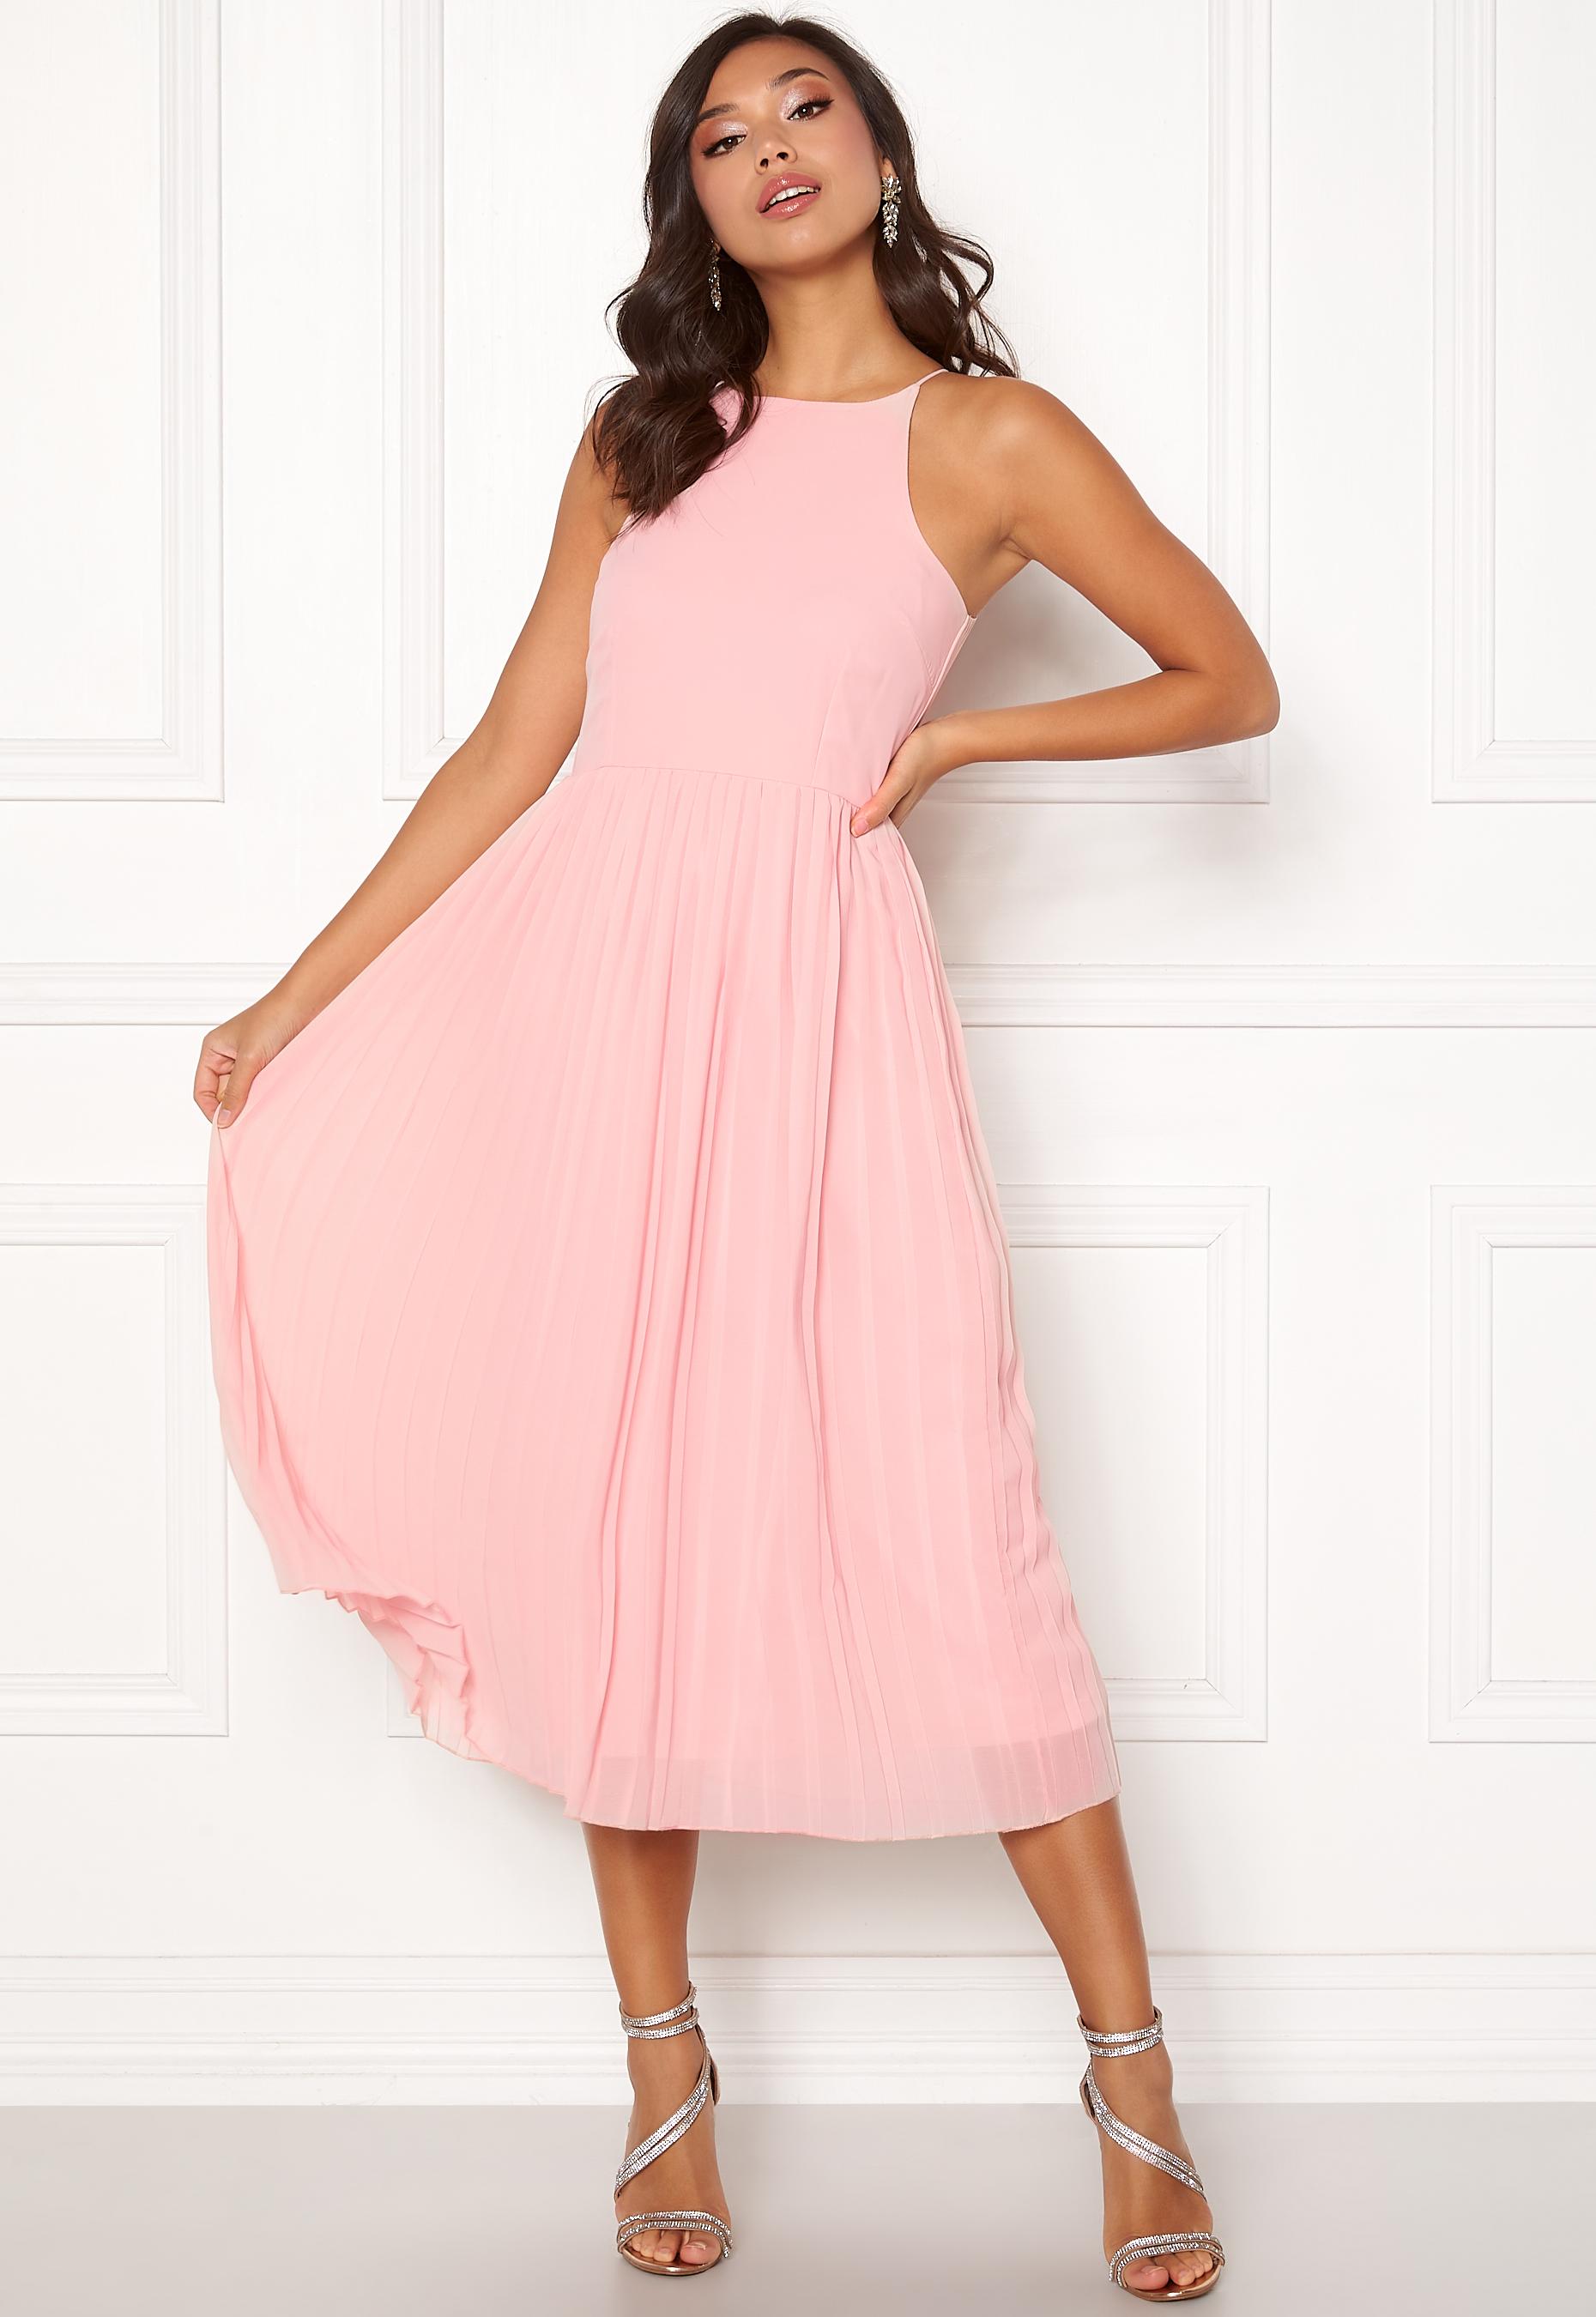 Bubbleroom Poppy Dress Dusty Pink